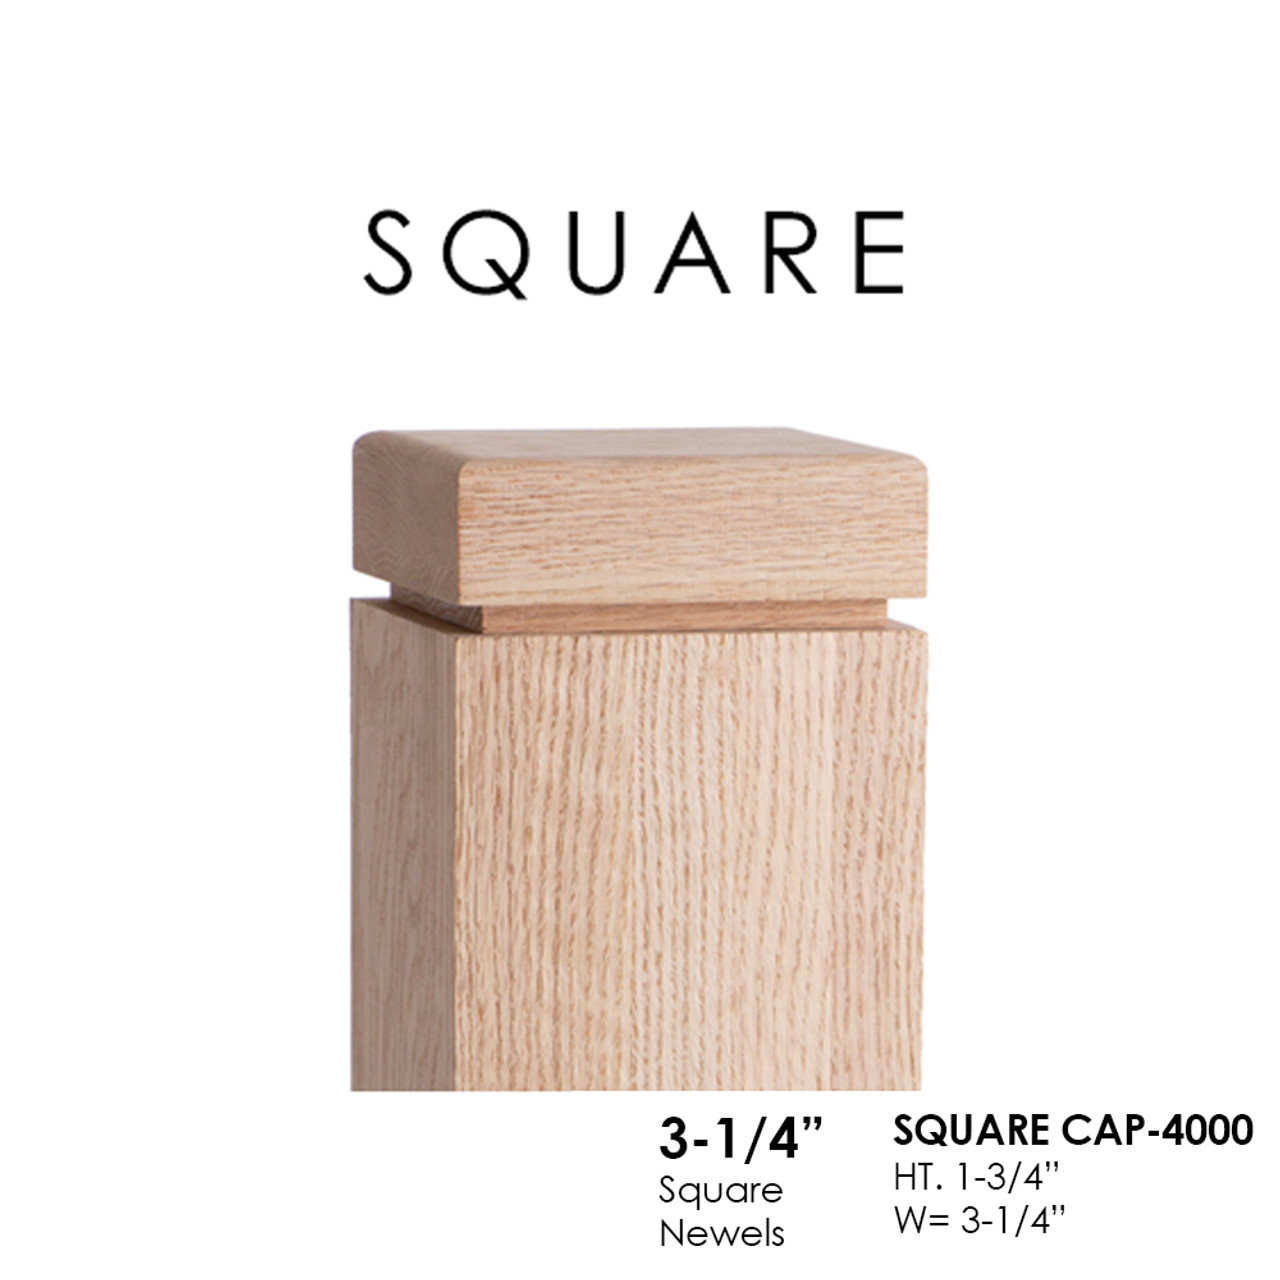 Square Cap - 4000